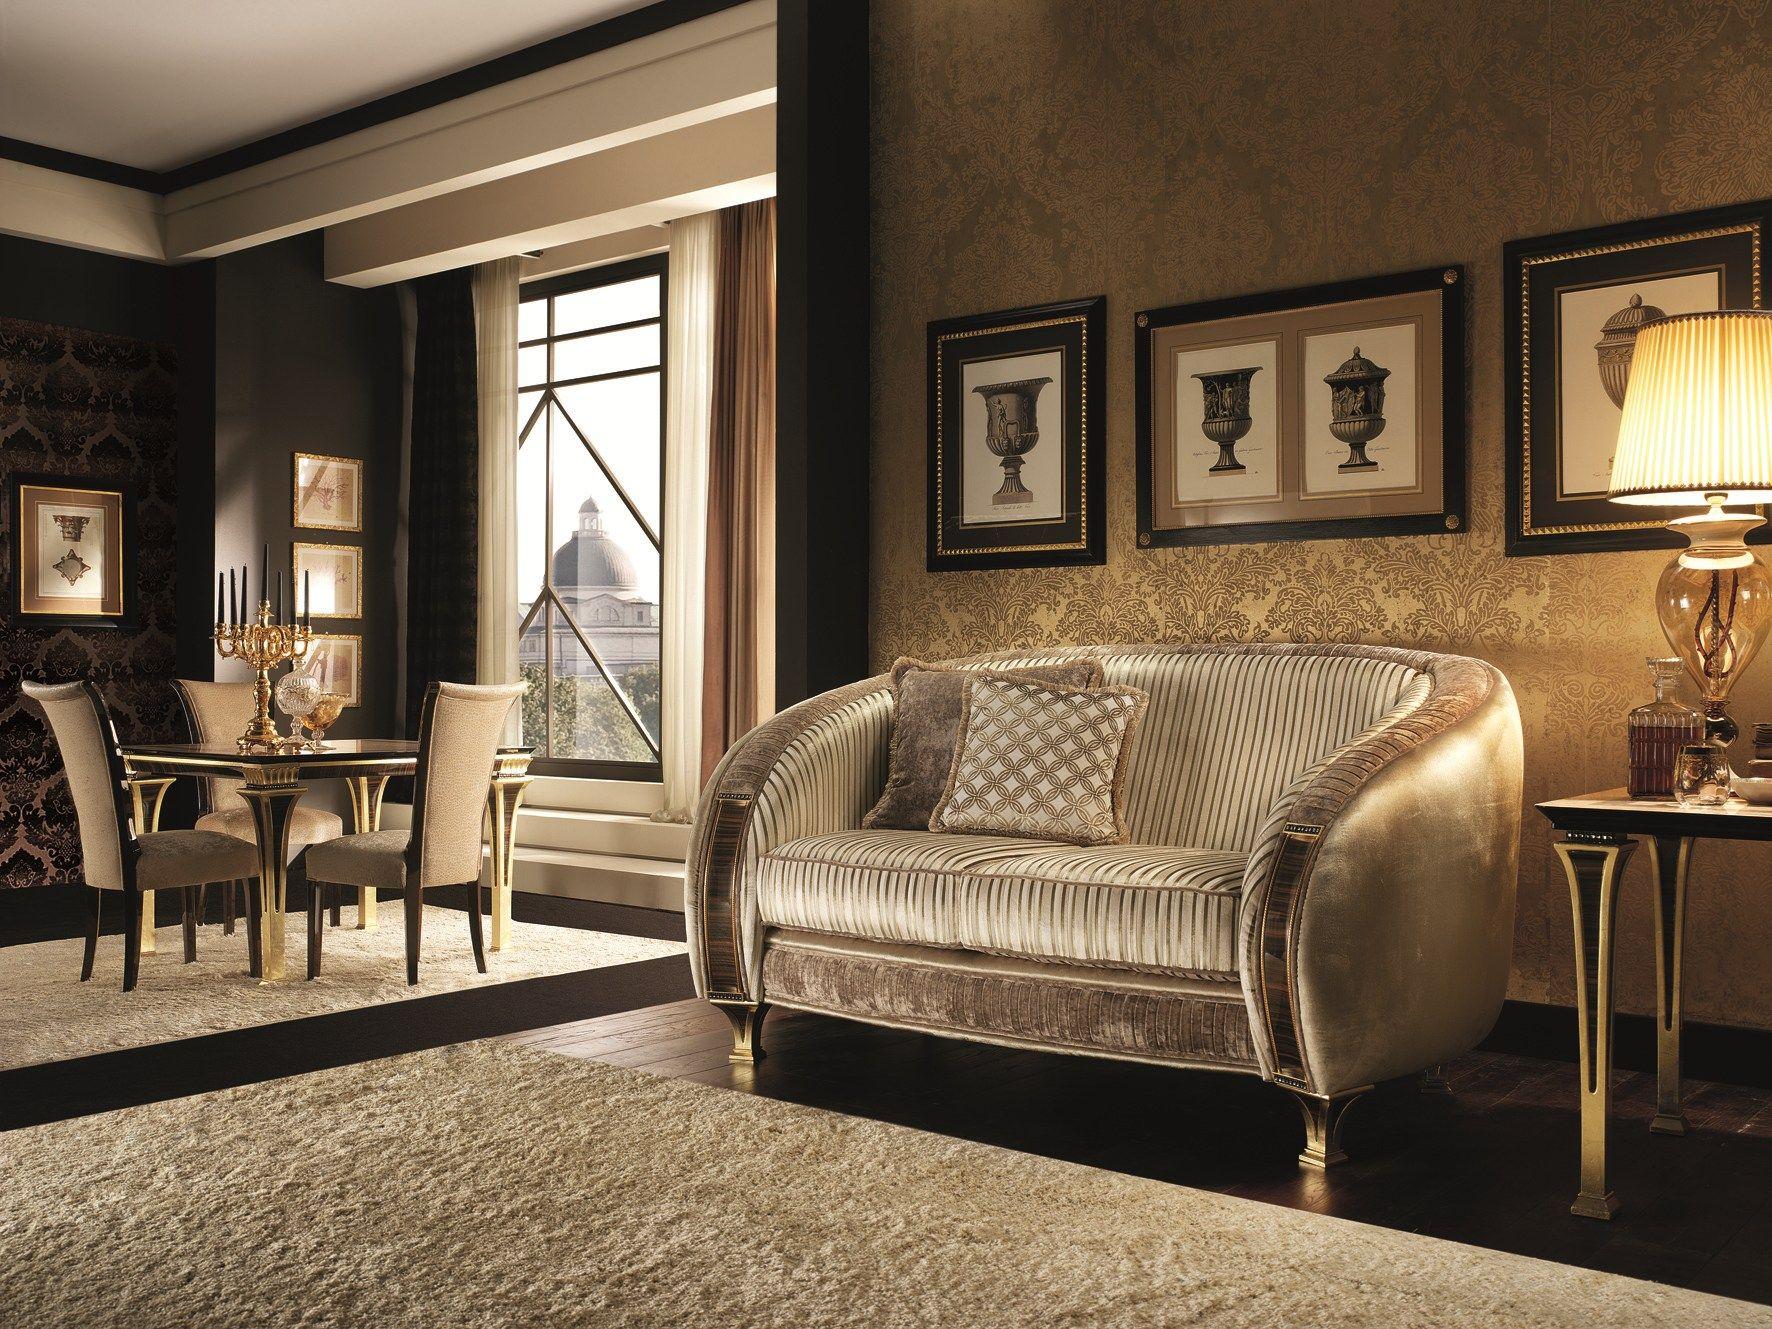 Sof 2 plazas tapizado de estilo art d co colecci n for Decoracion art deco